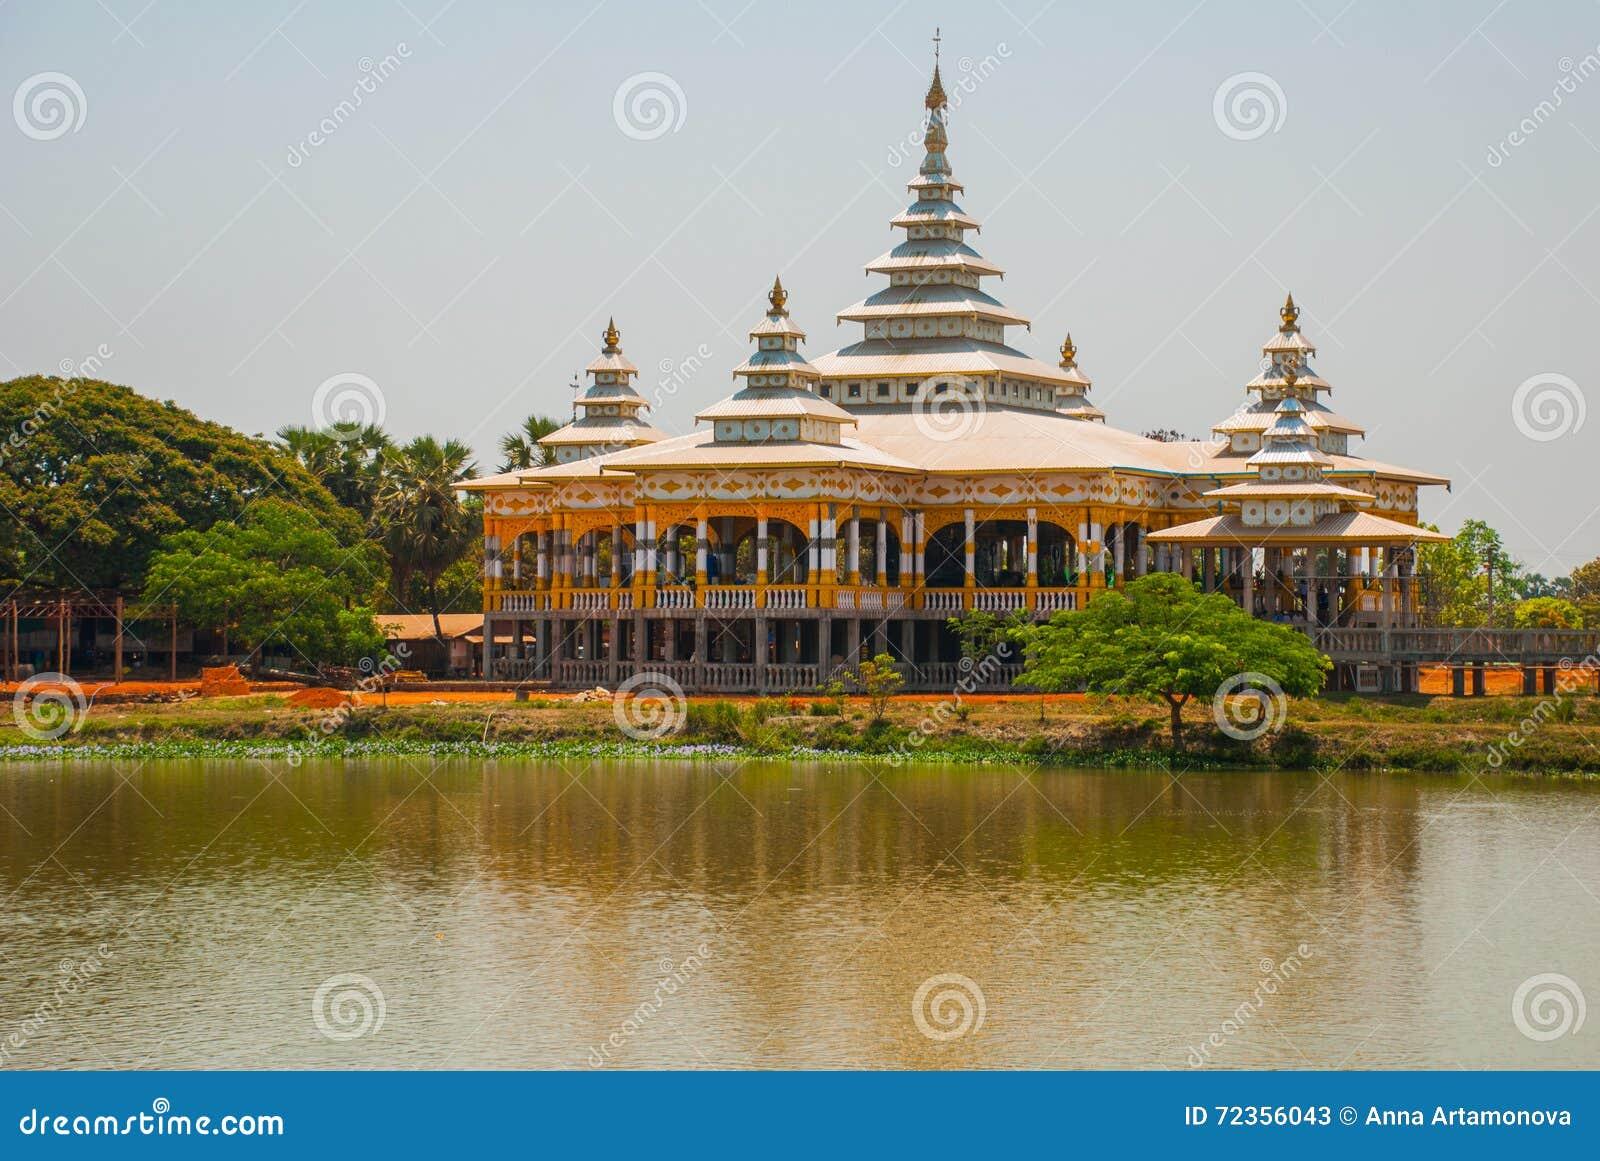 修道院在池塘 毛淡棉, Hha-an 缅甸 缅甸